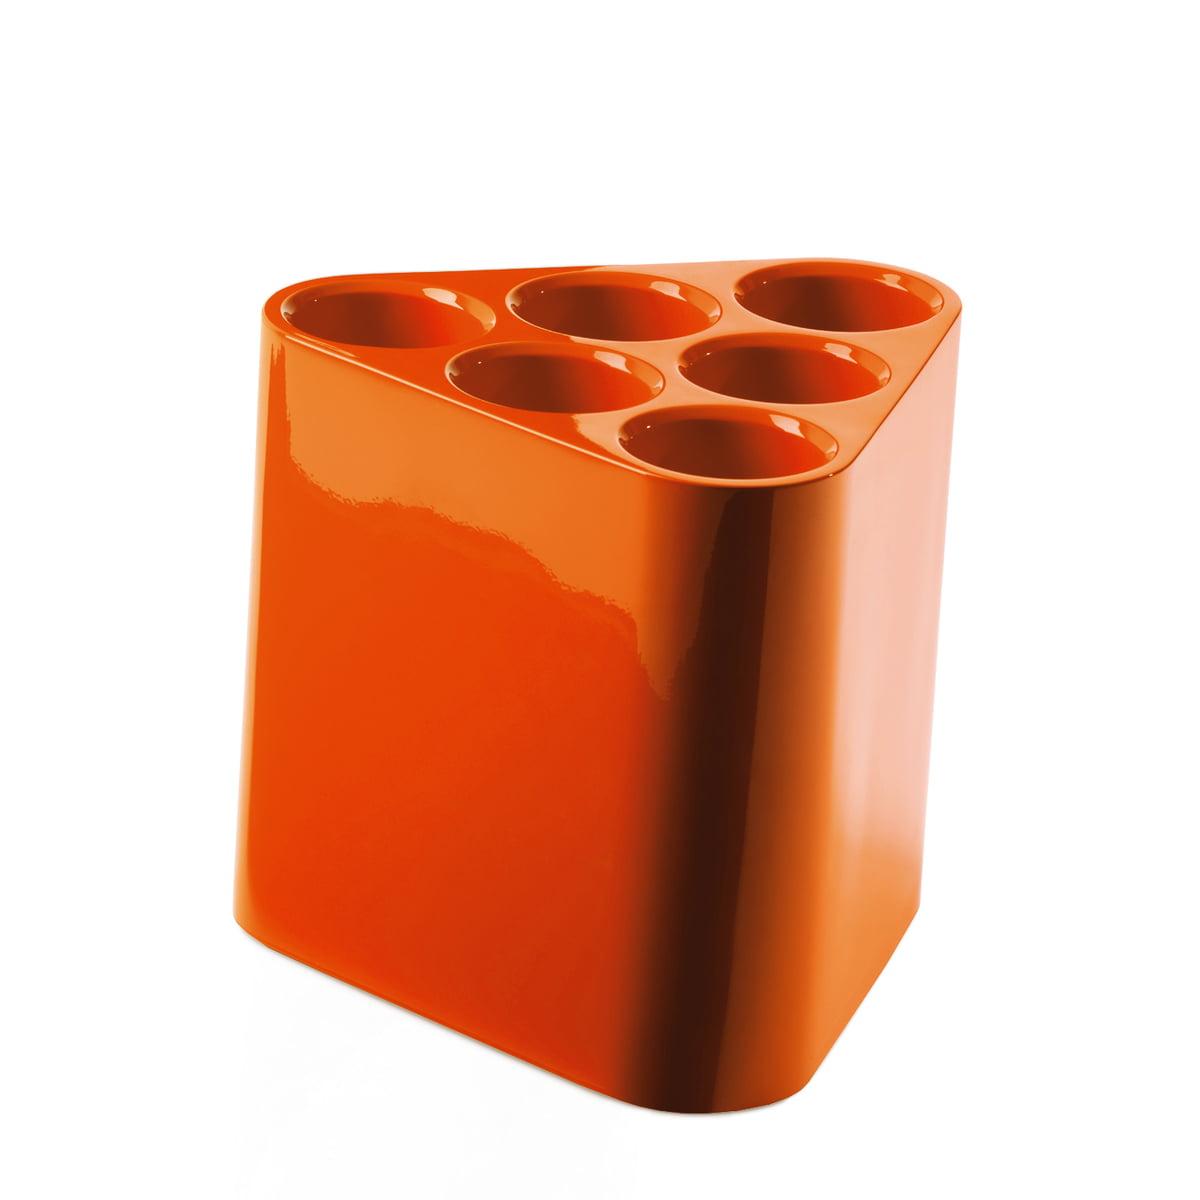 Magis - Poppins Schirmständer, orange | Flur & Diele > Schirmständer | Orange | Magis